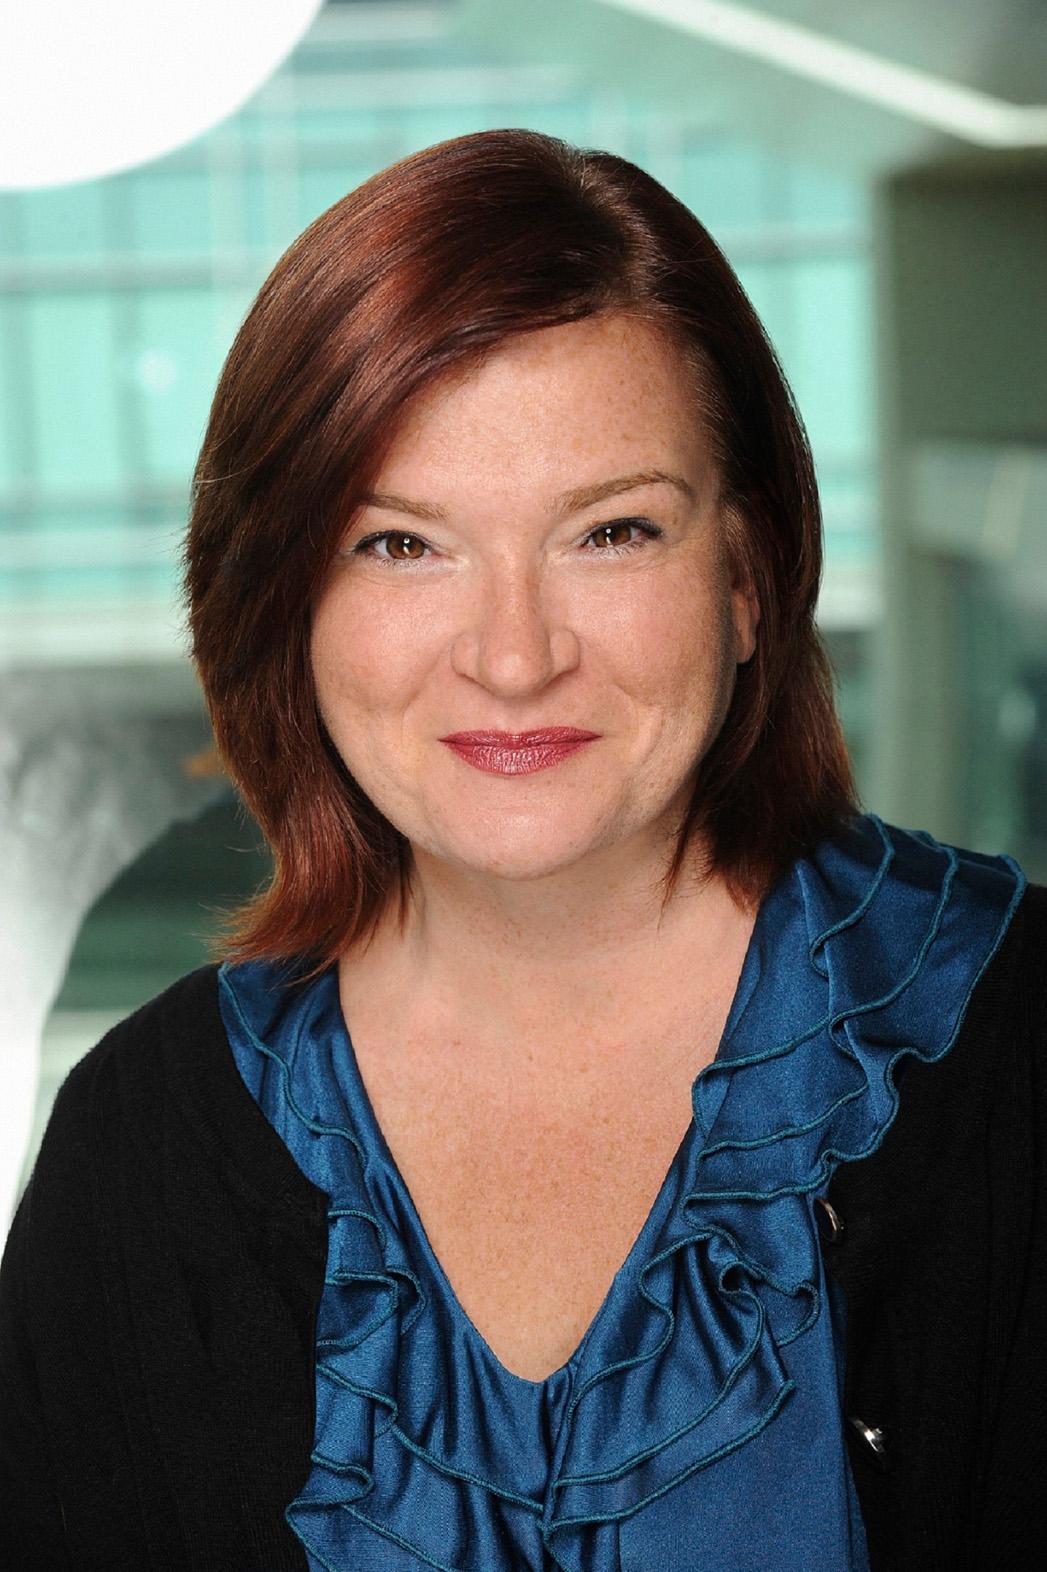 Tara Flynn Headshot - P 2014